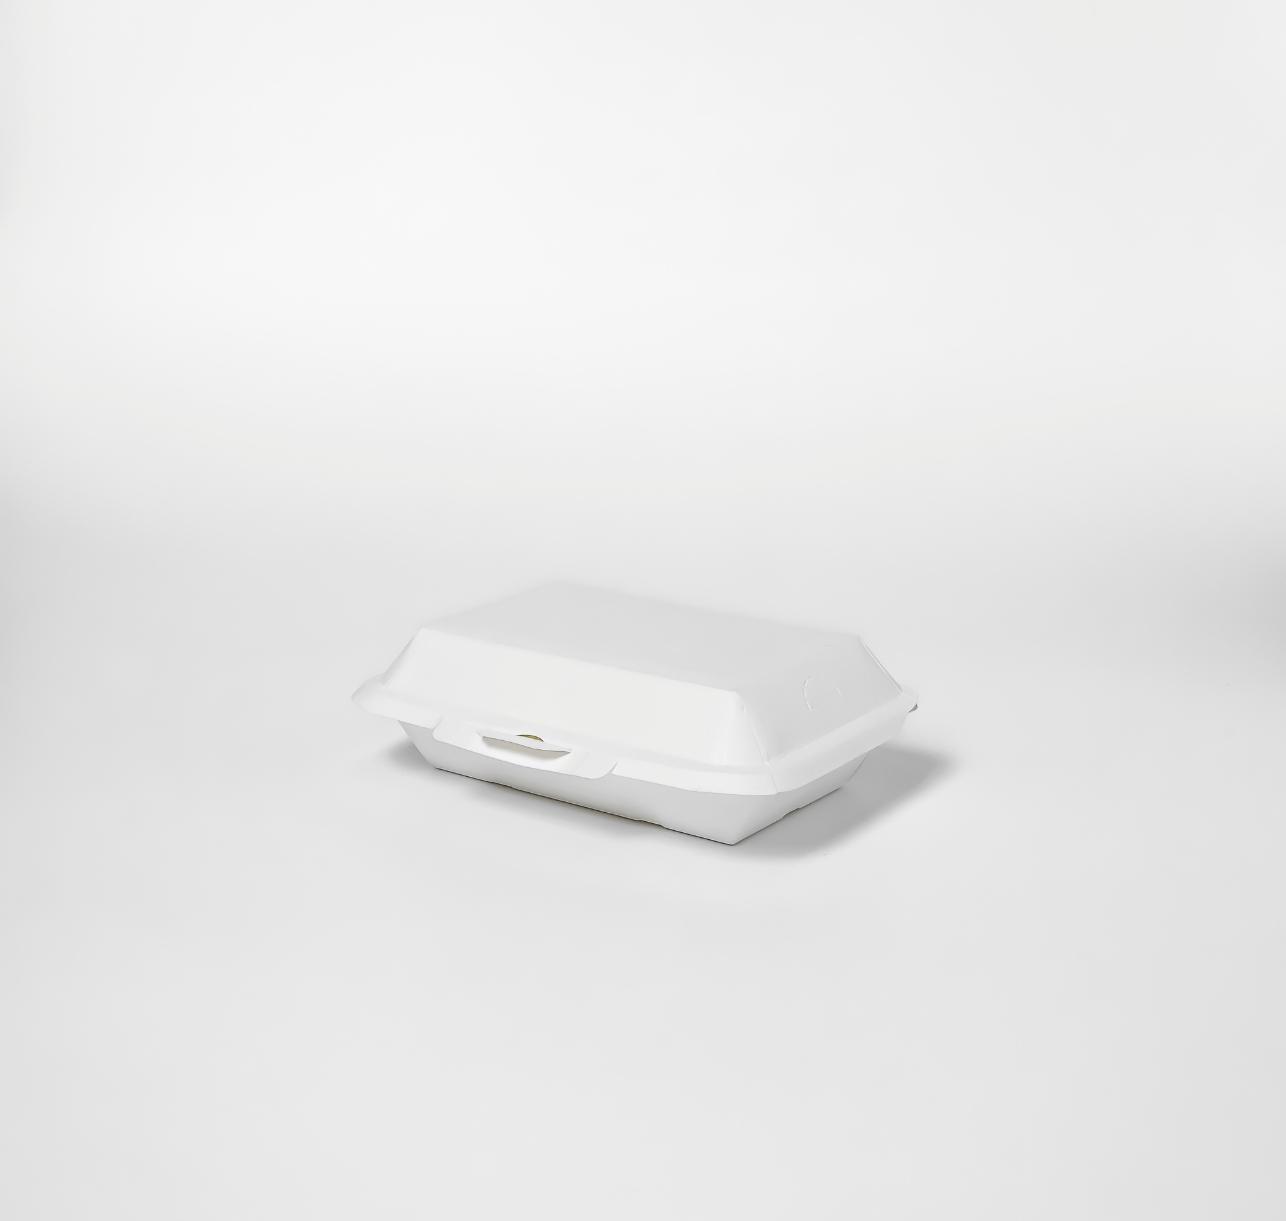 กล่องอาหารกระดาษ 600ml